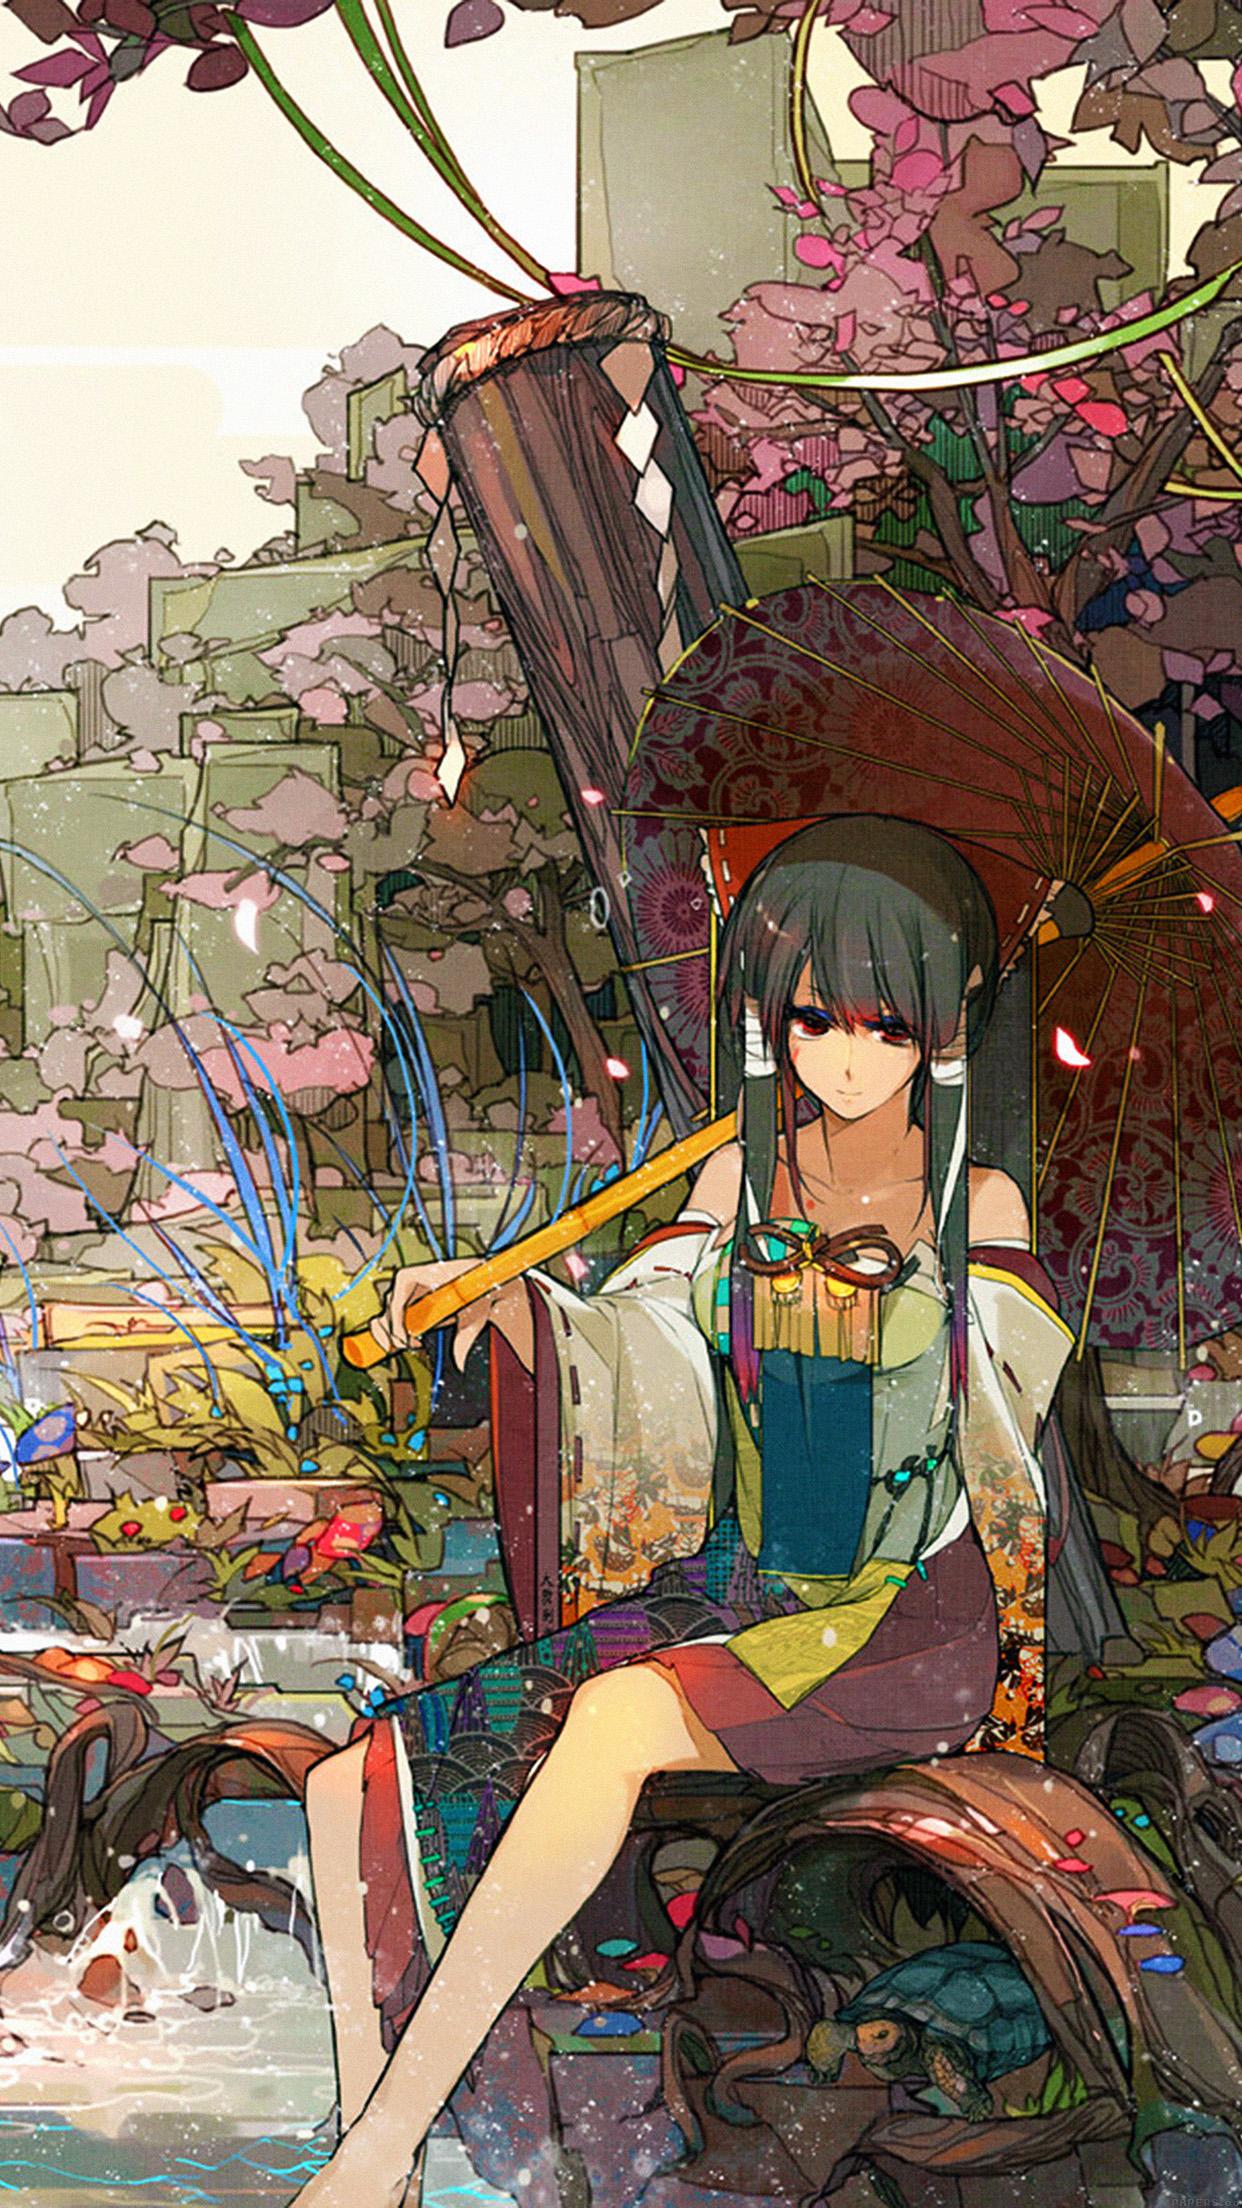 Sakura Sora Illust Anime Art Android wallpaper - Android ...